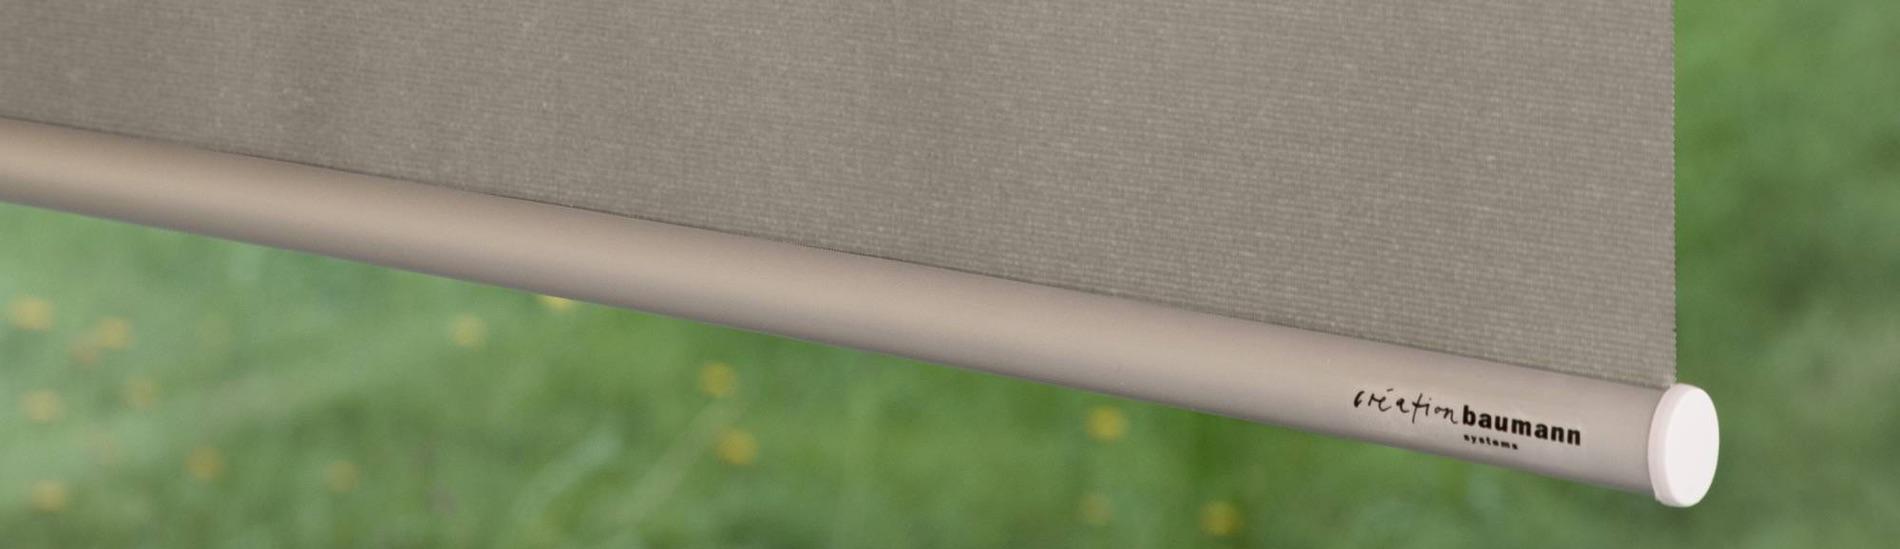 schallschutzrollos raumakustik verbessern und sonnenschutz in einem produkt. Black Bedroom Furniture Sets. Home Design Ideas